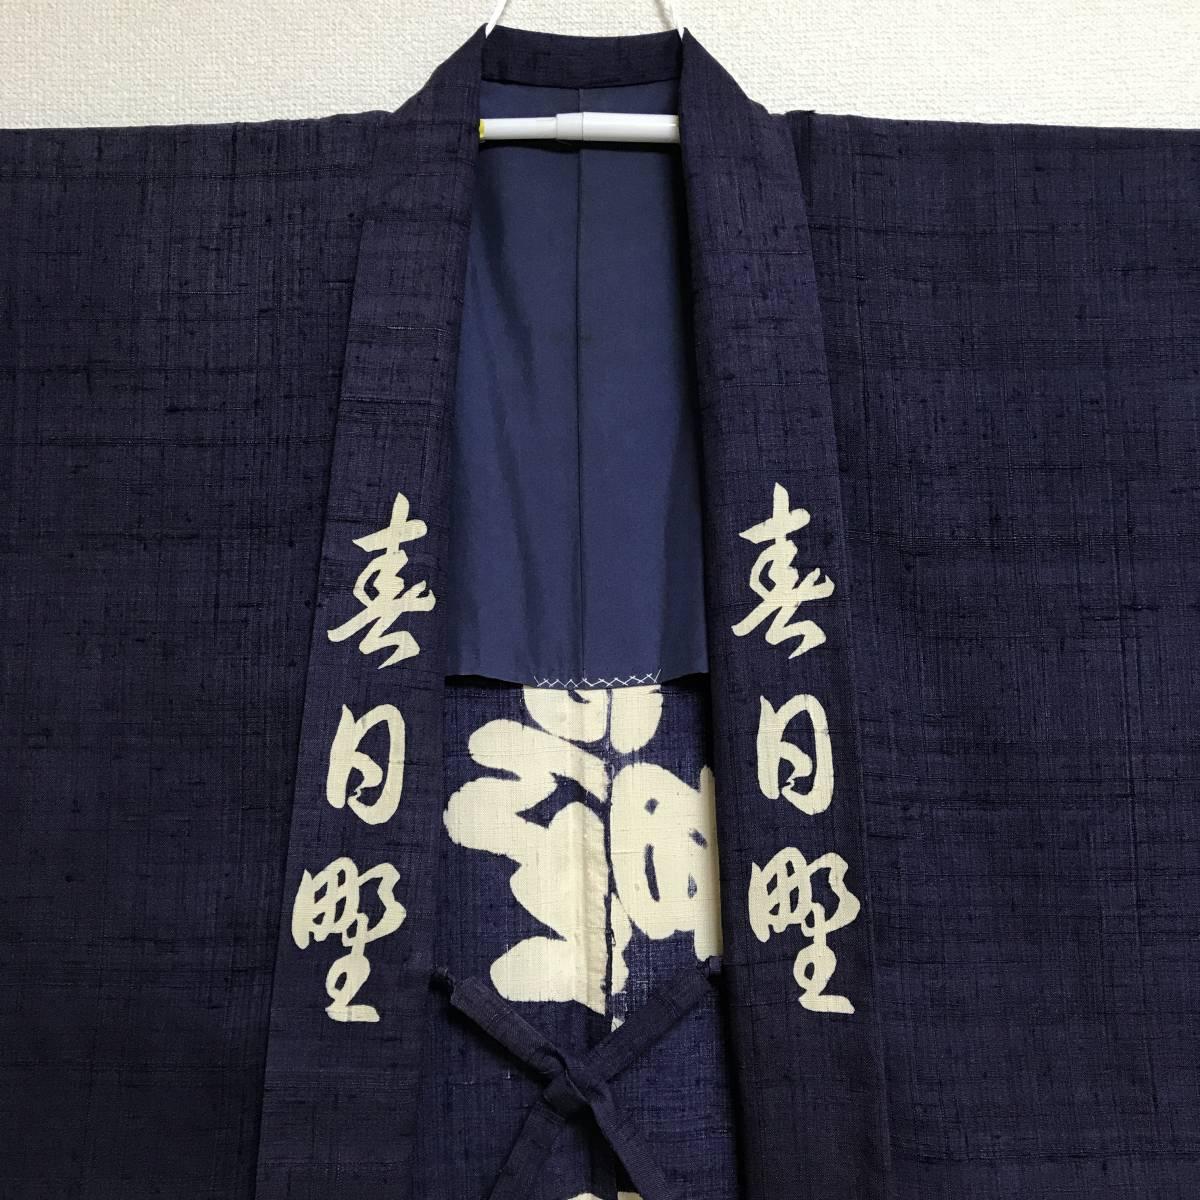 ◆激レア◆大相撲 呼出しさんの衣装 羽織り『春日野』紫色(相撲 呼び出し 行司 衣装 着物 和服 男性 珍品 レア)_画像2